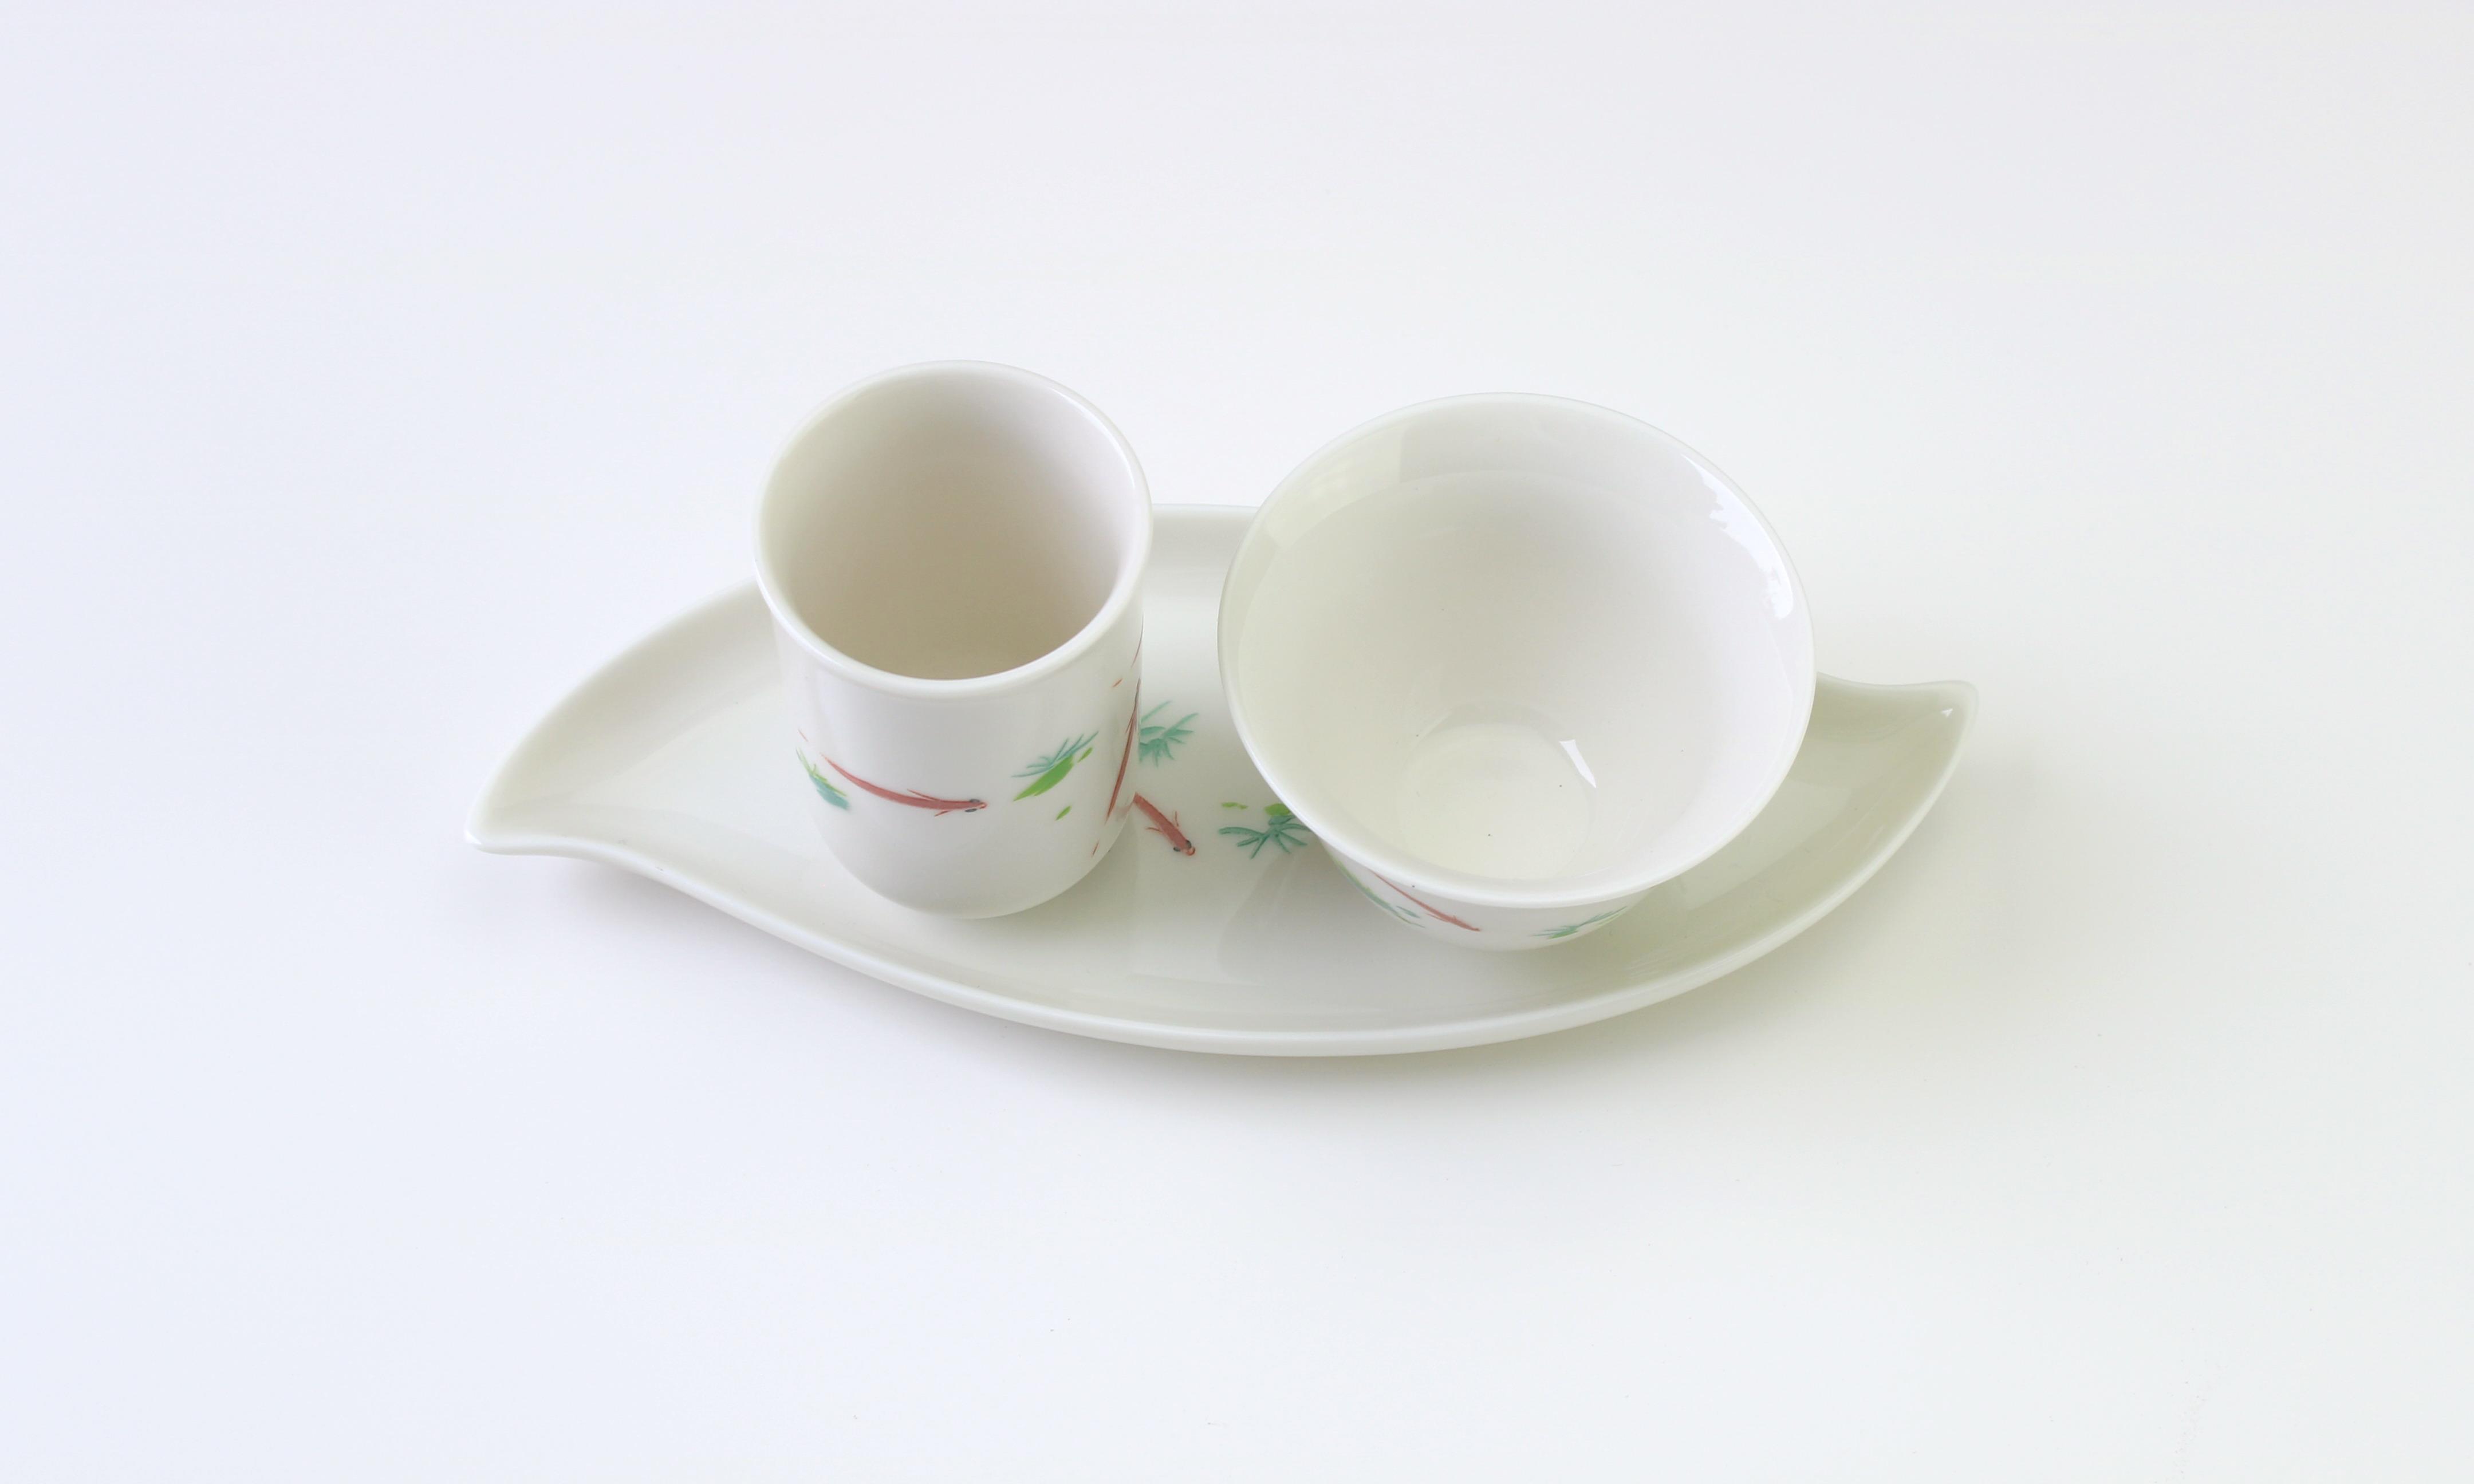 茶托 双杯托 白牙浮魚 そうたくはいがはくうきうお Double cup holder